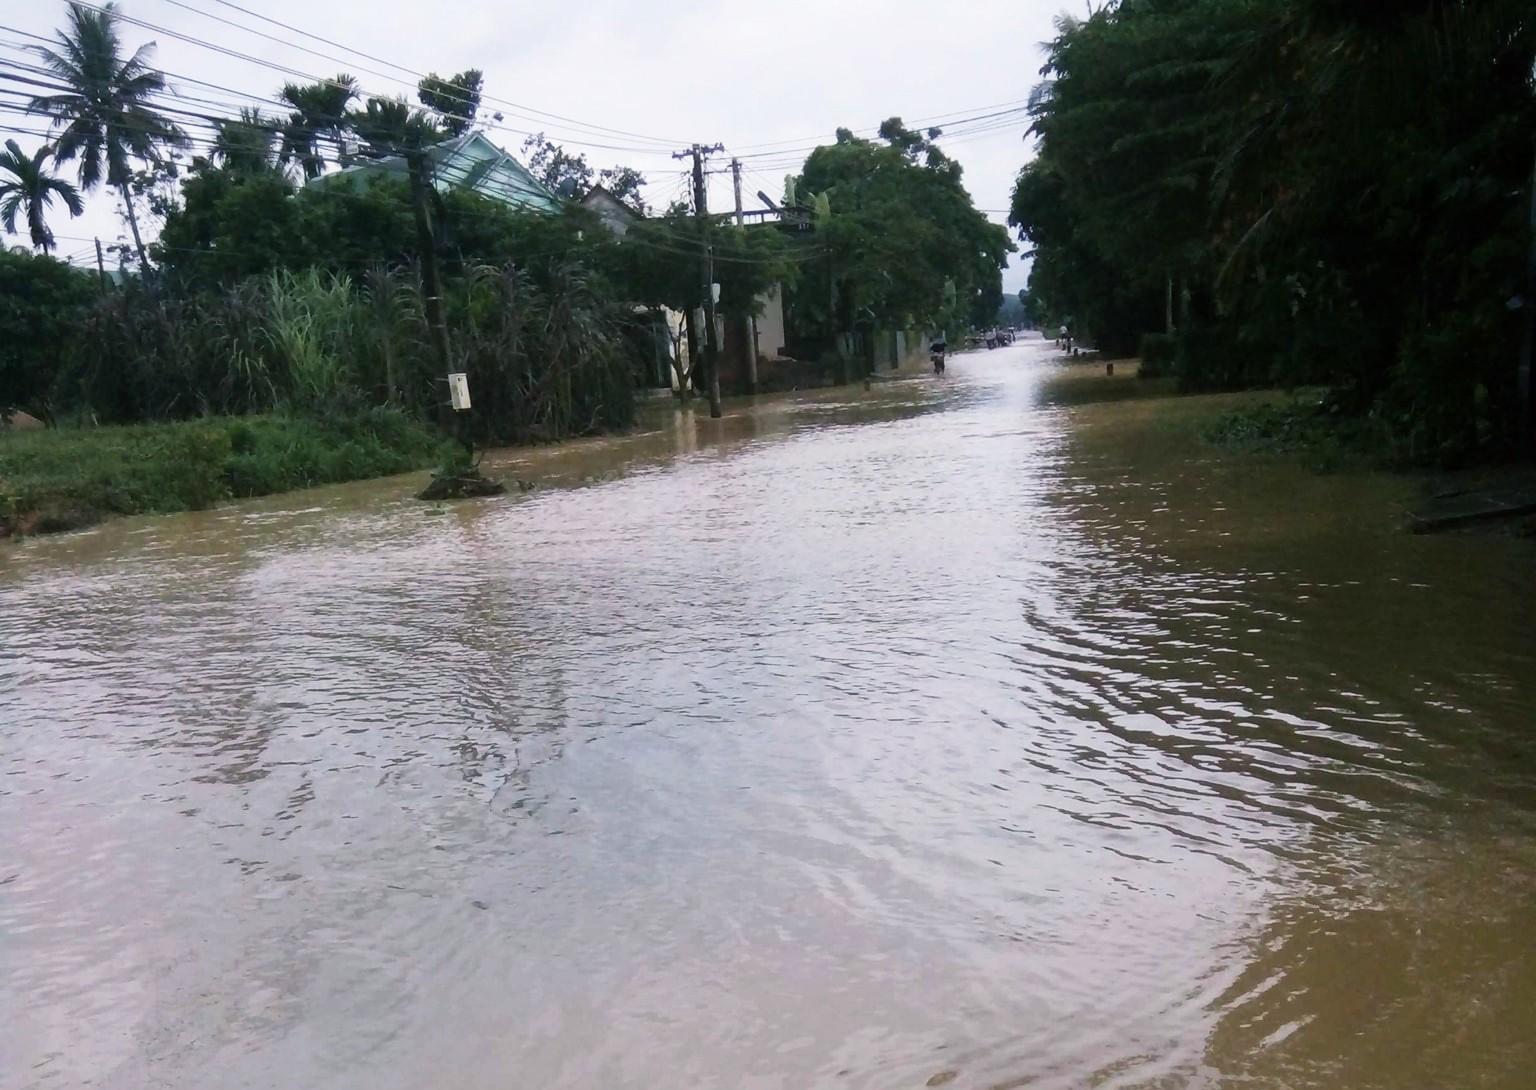 Bình Định: Mưa lớn 2 ngày liên tục khiến nước lũ lên nhanh, nhiều nhà dân bị cô lập - Ảnh 1.